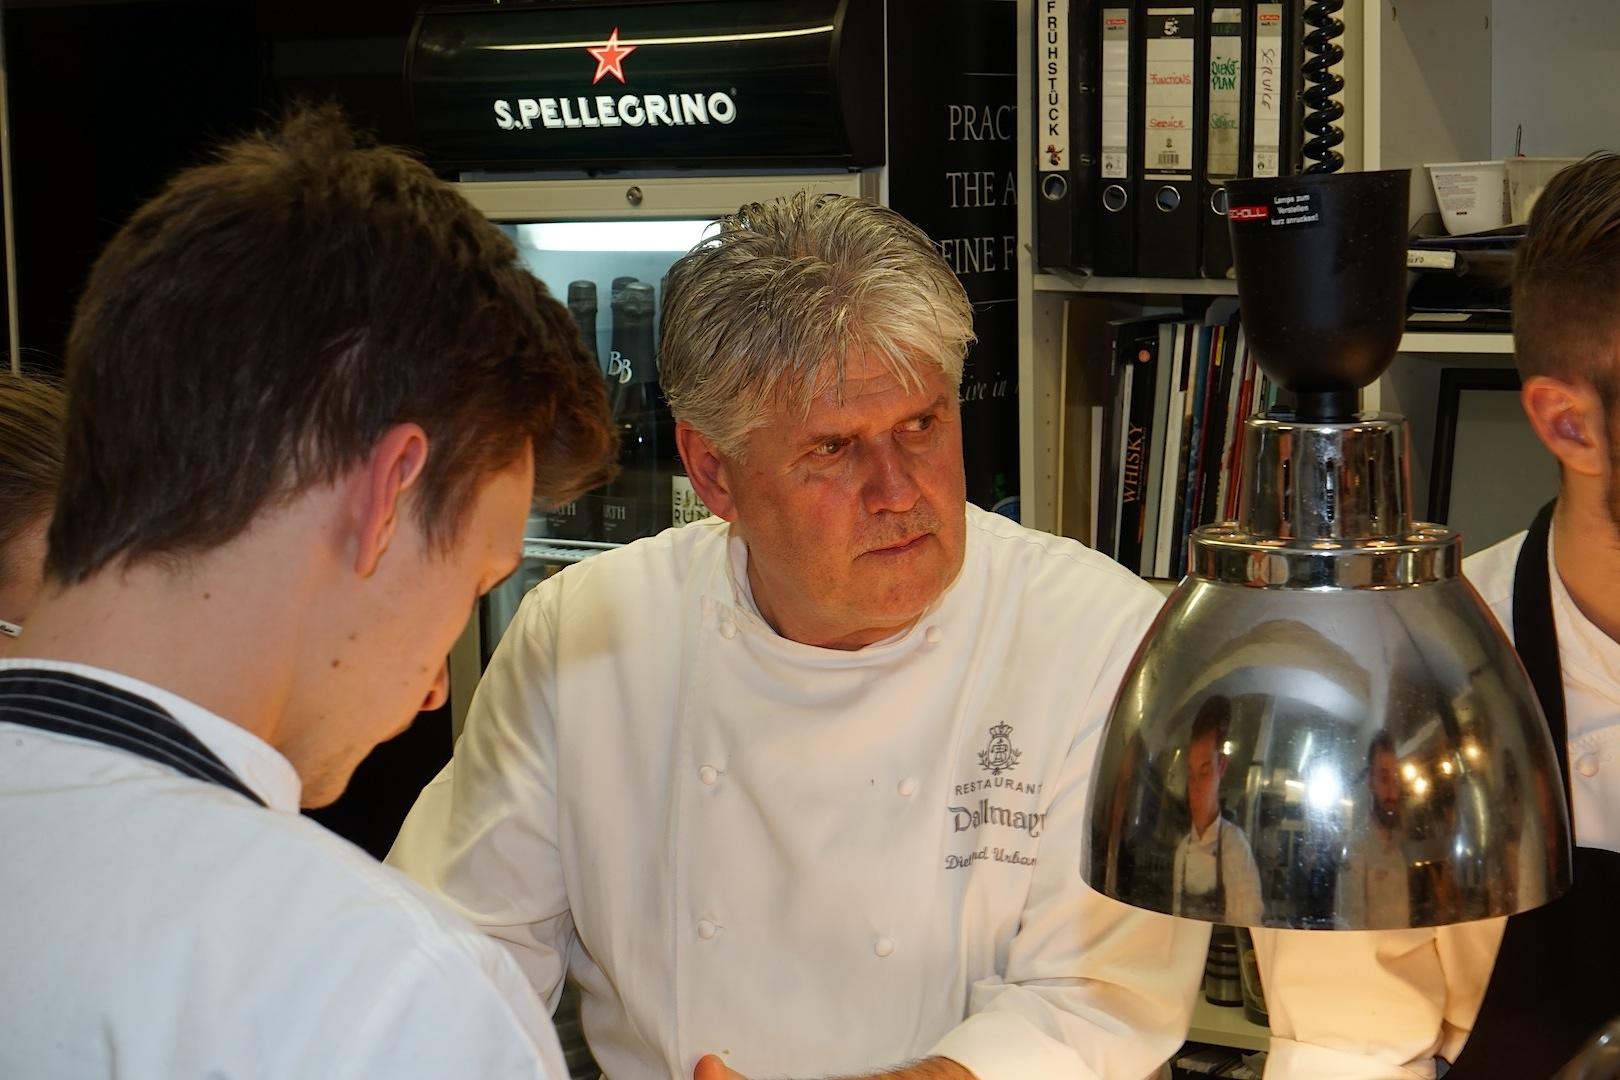 2 Sterne Koch Diethard Urbansky ist seit dem Jahr 2001 das Gesicht des Gourmetrestaurants Dallmayr in München. Seit 10 Jahren ist er mit 2 Michelin Sterne ausgezeichnet